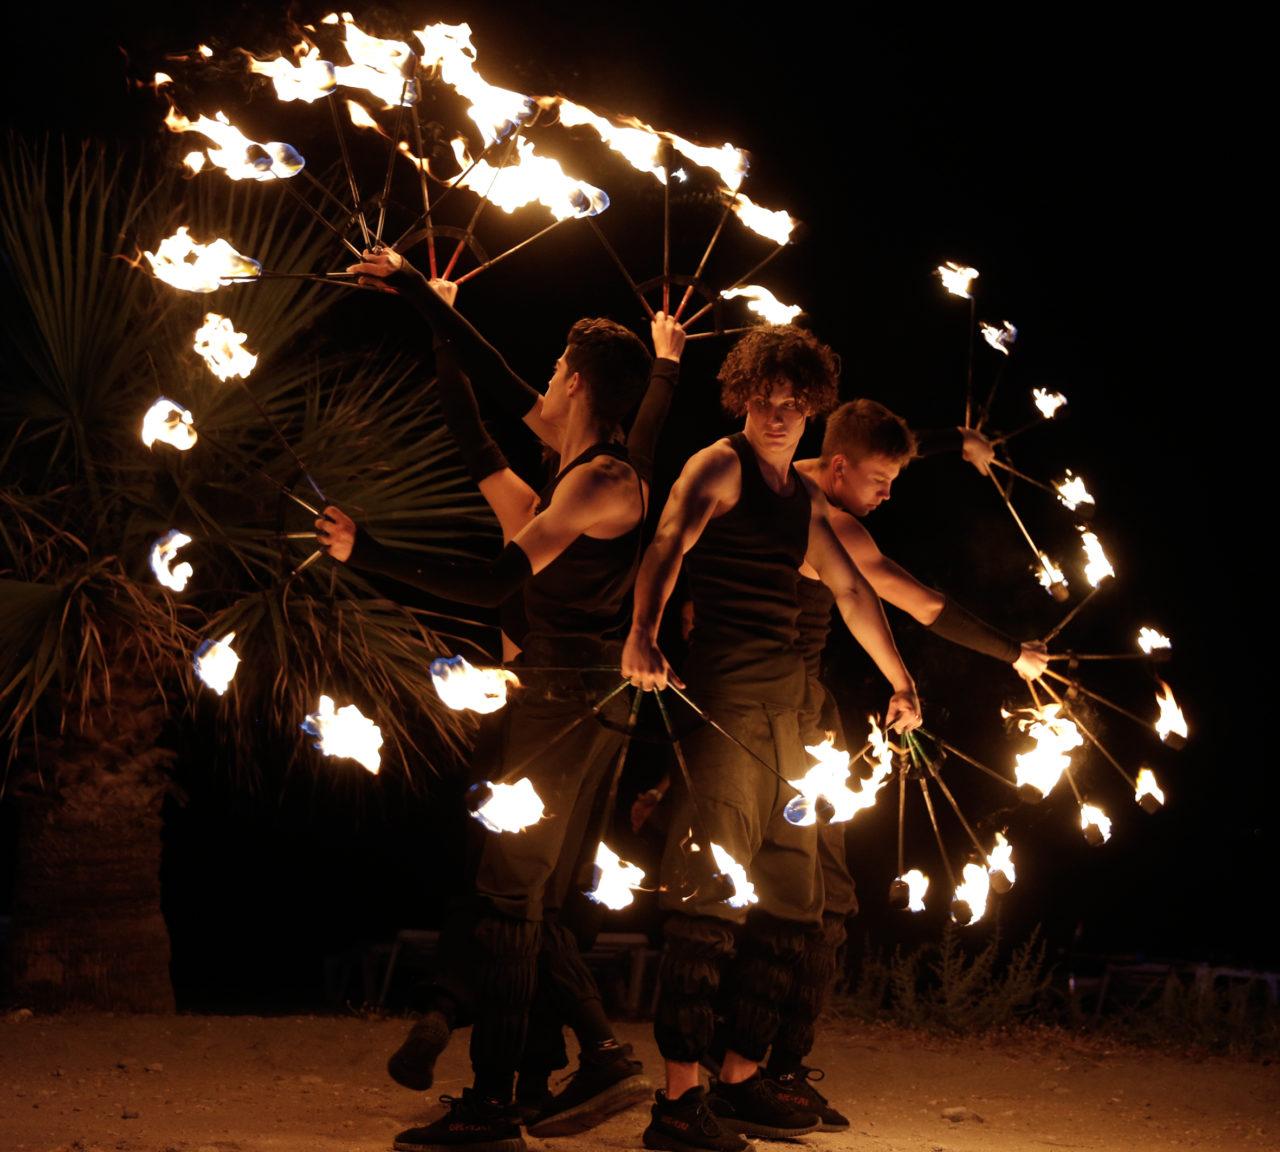 Geceye renk katan ateş dansçılarının gösterileri ilgiyle izlendi.